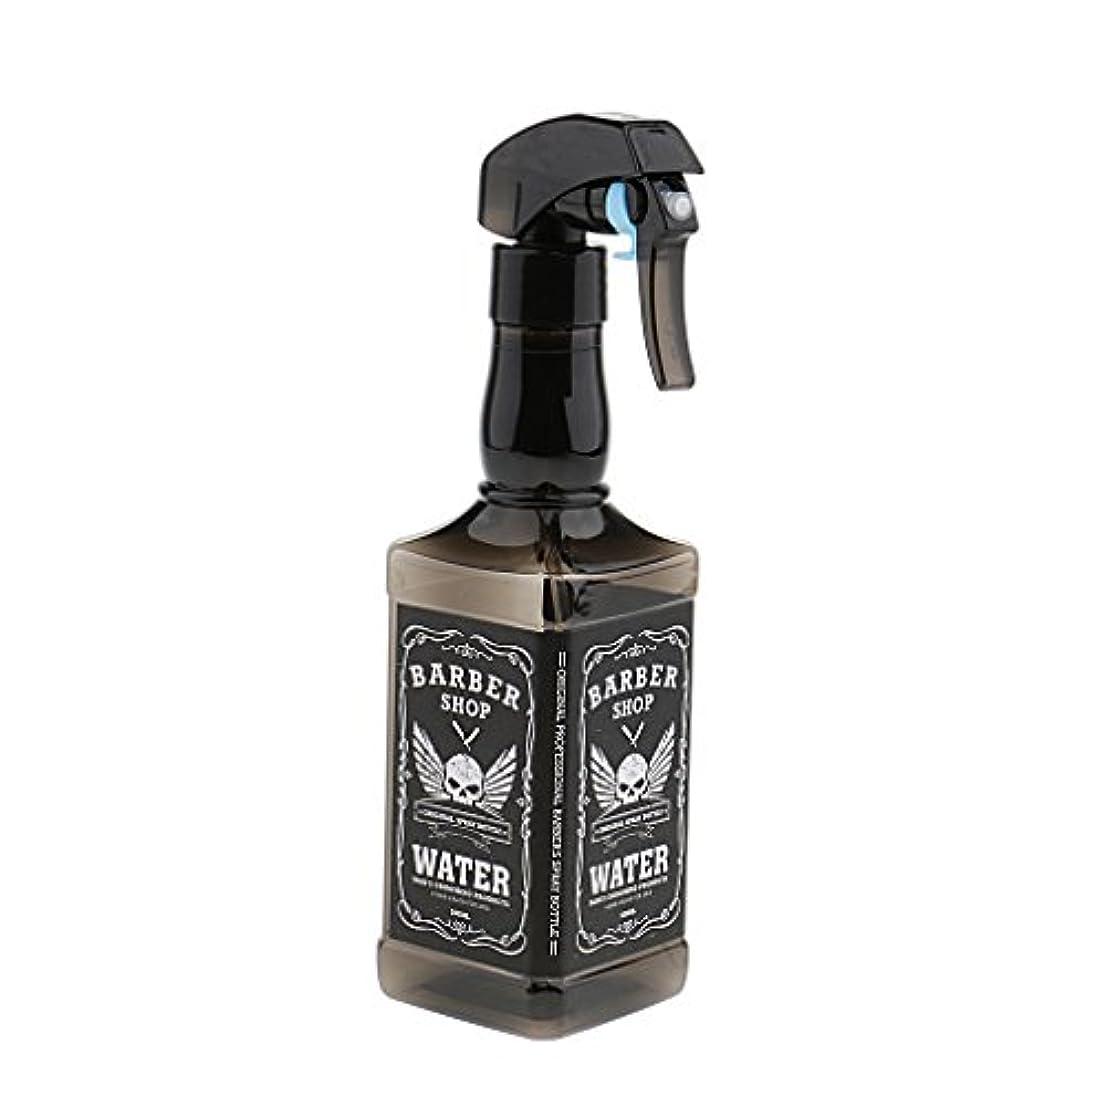 エネルギープレゼン魔術師スプレーボトル プラスチック製 ヘアスプレー ボトル サロン 美容院 水スプレー 500ml 3色選べ - ブラック